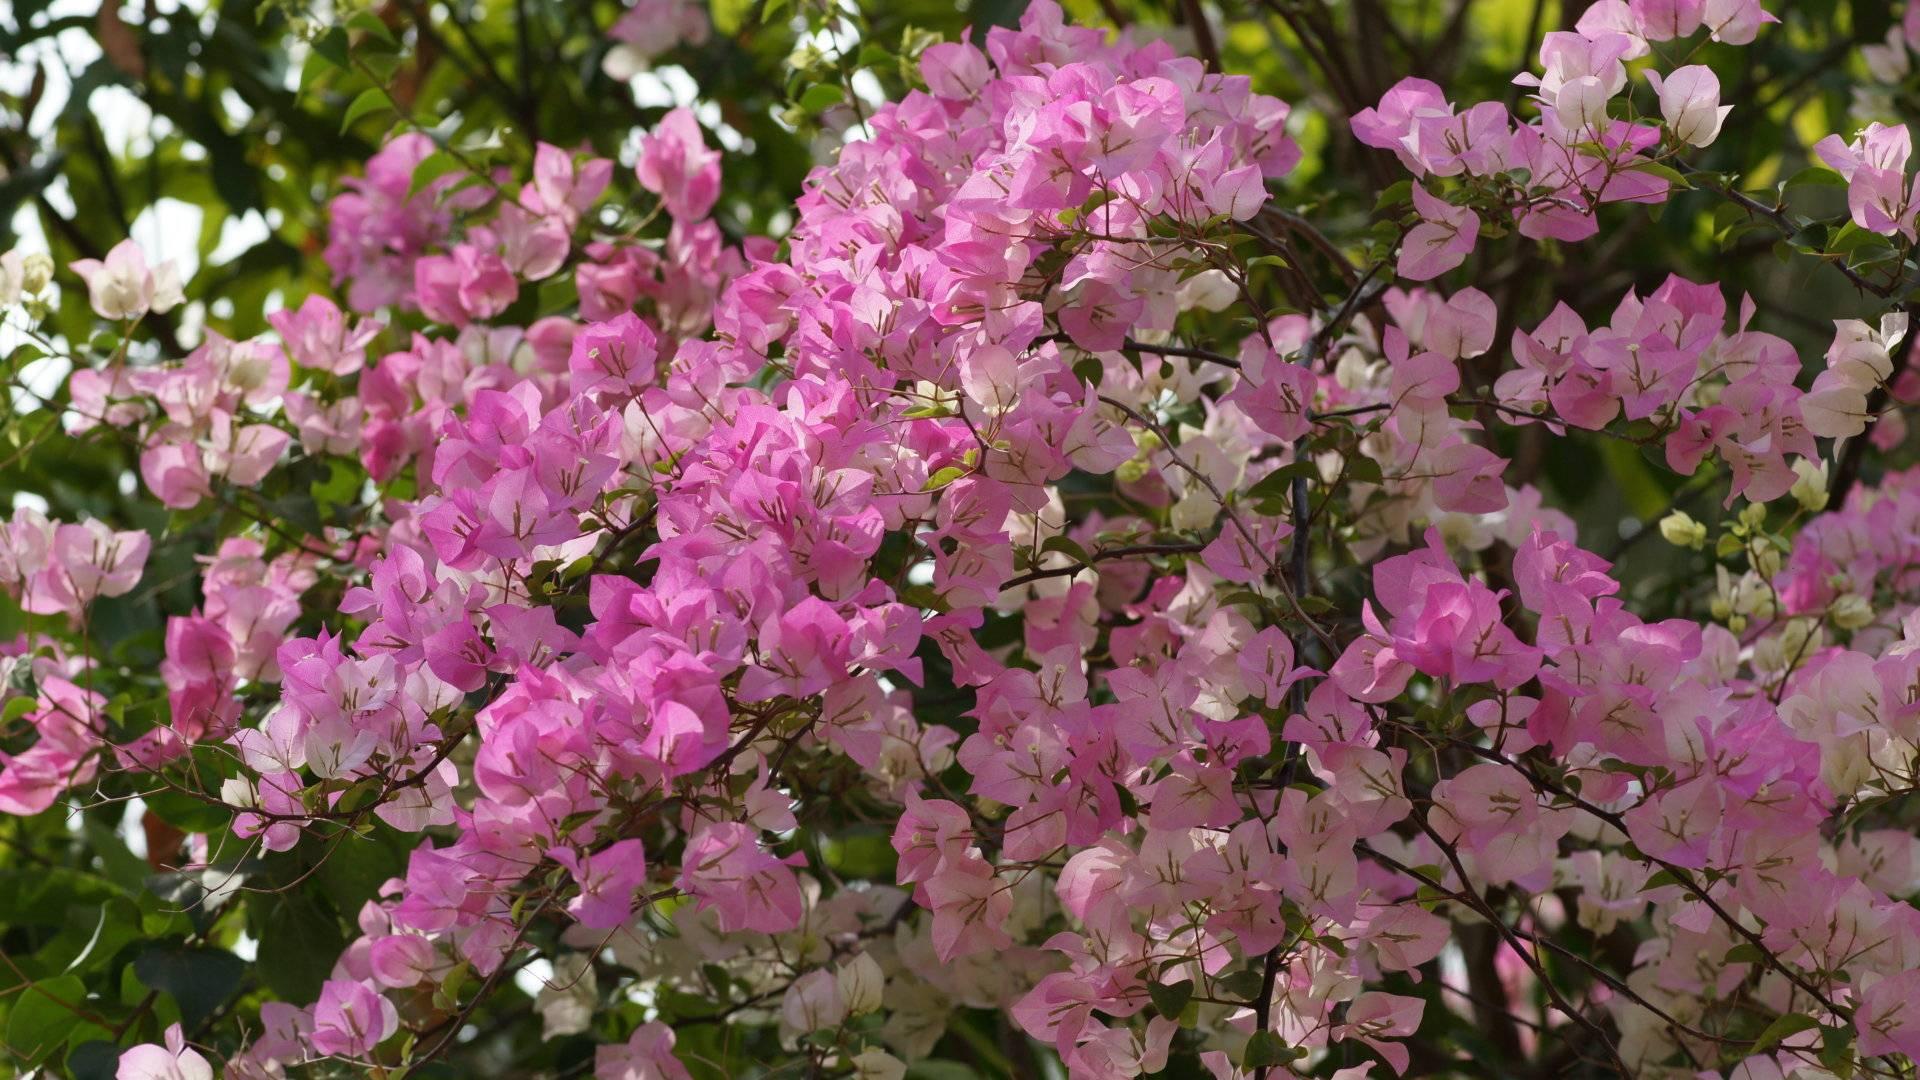 bougainvillea flowers 20208